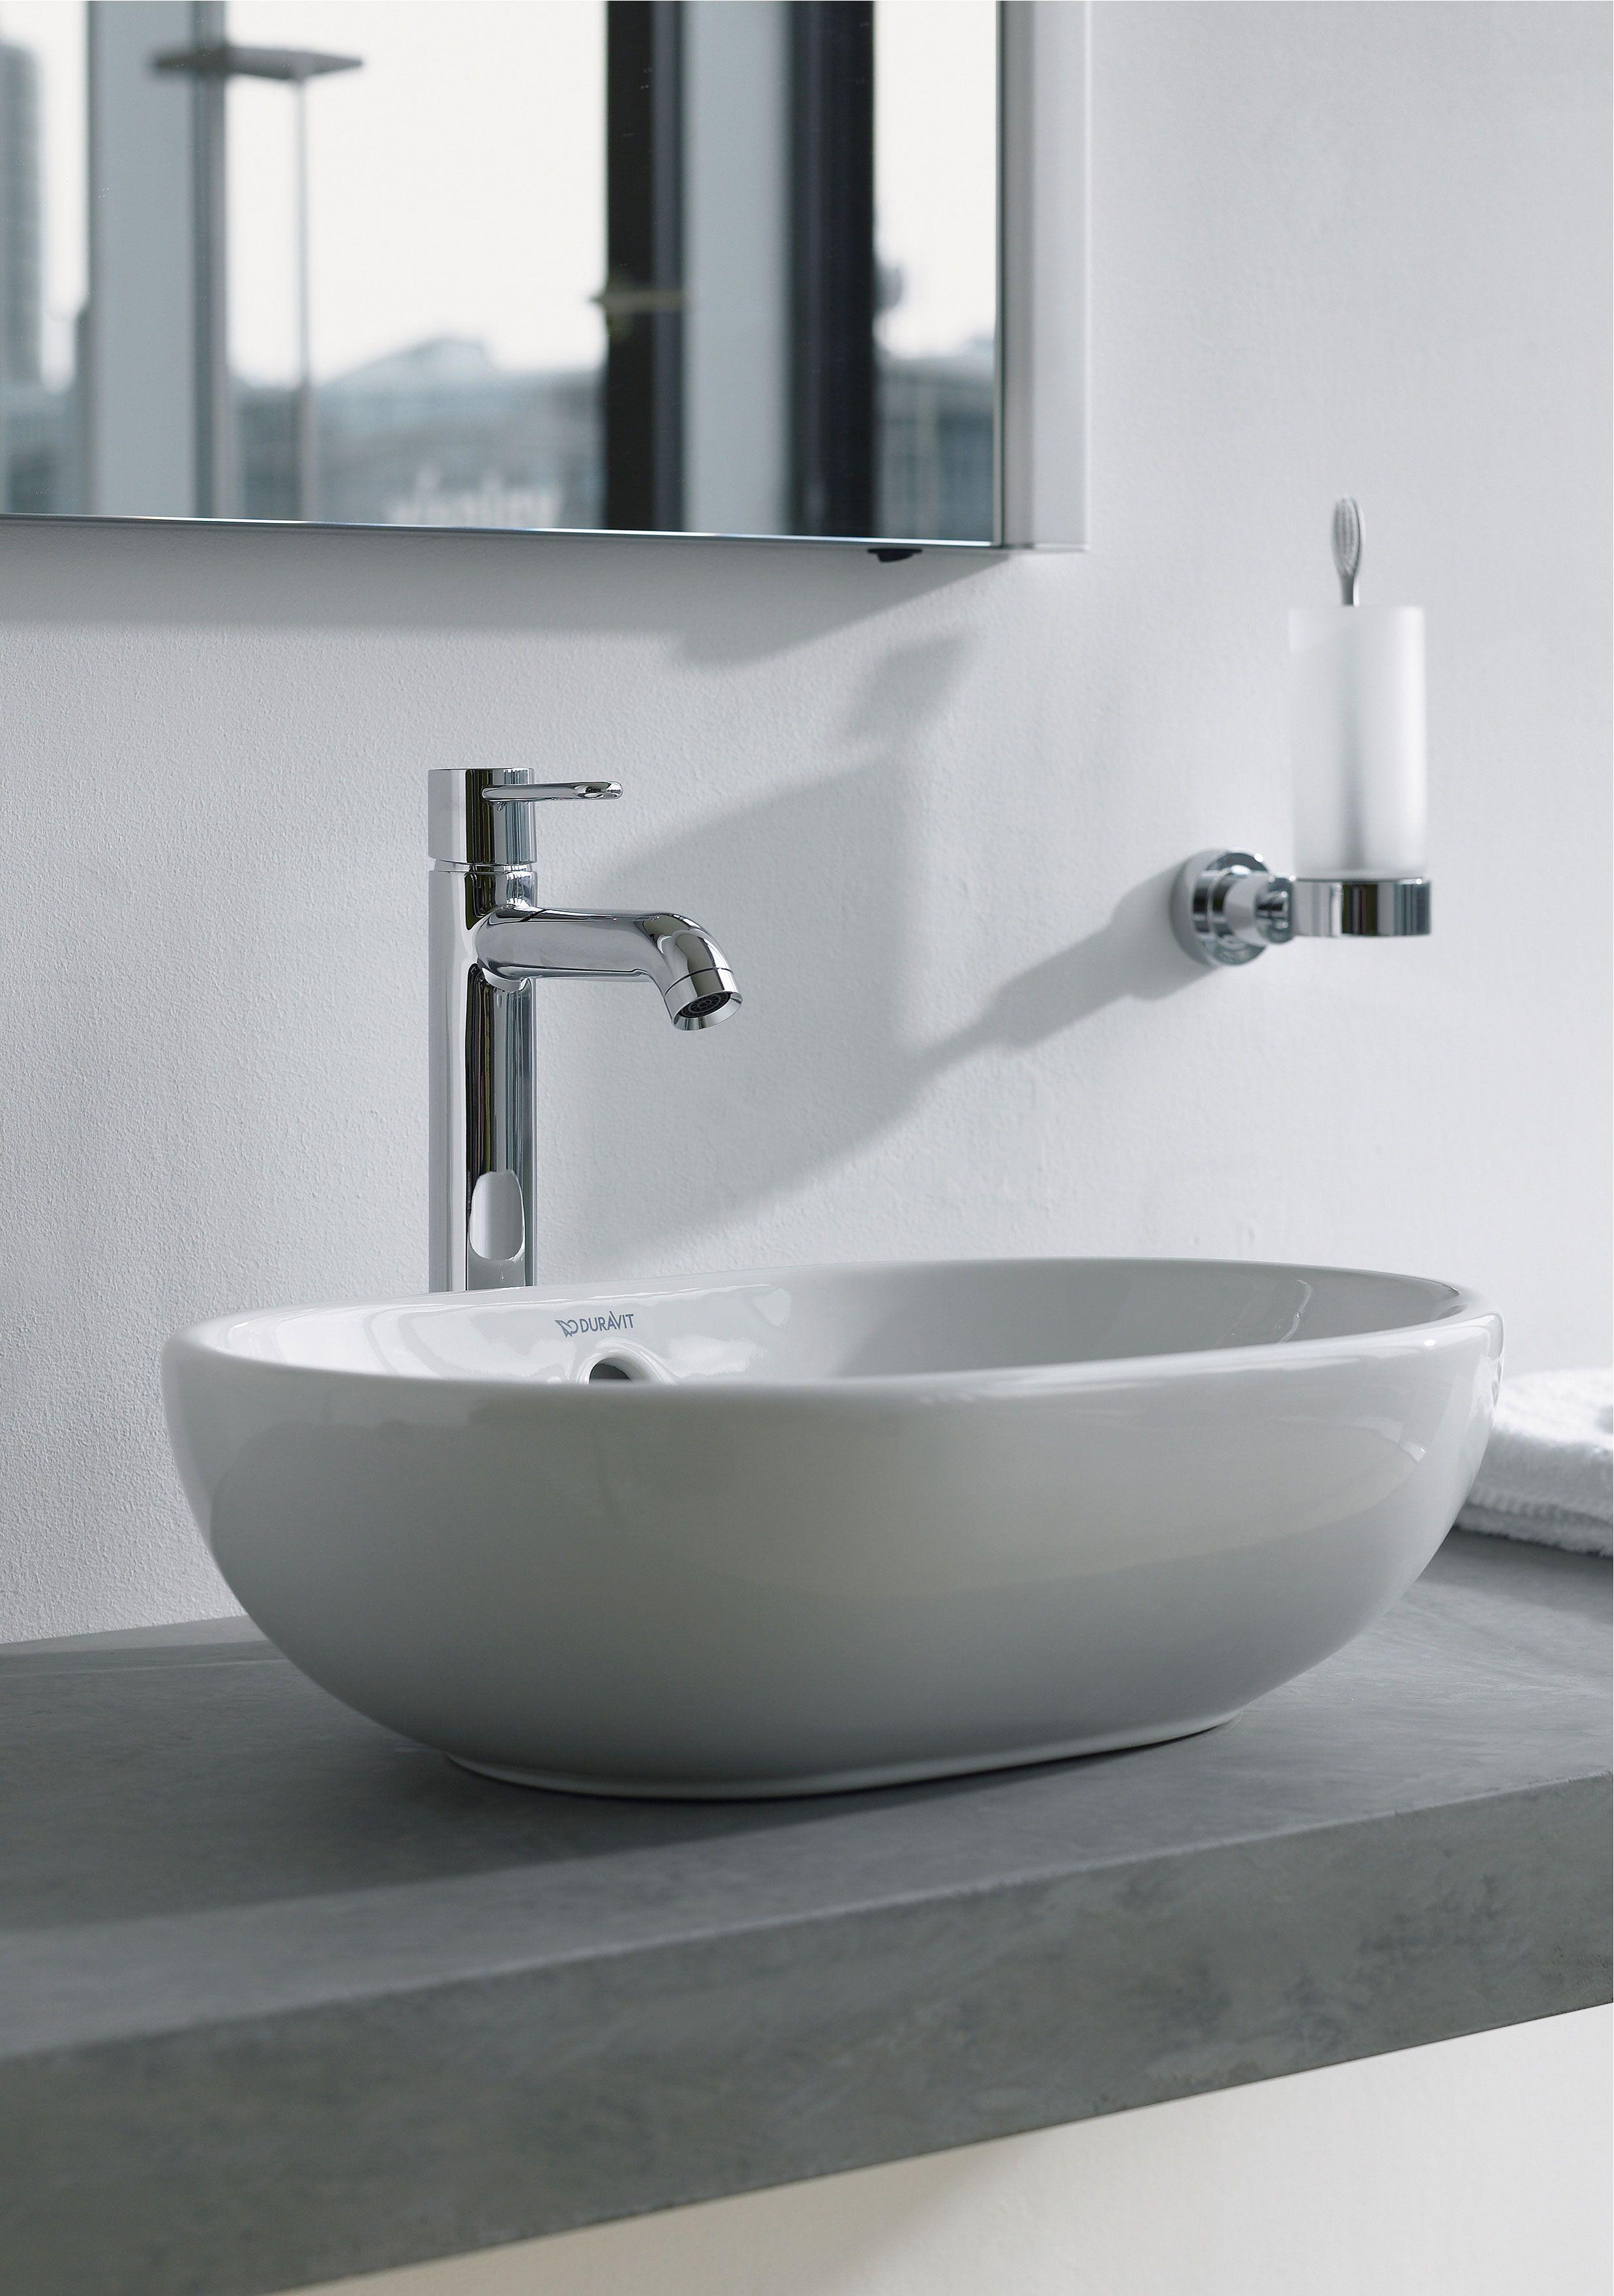 su pour europe duravit toto colonna design home ramique en italia pedestal vero s happy d sink colonne lavabo c cf